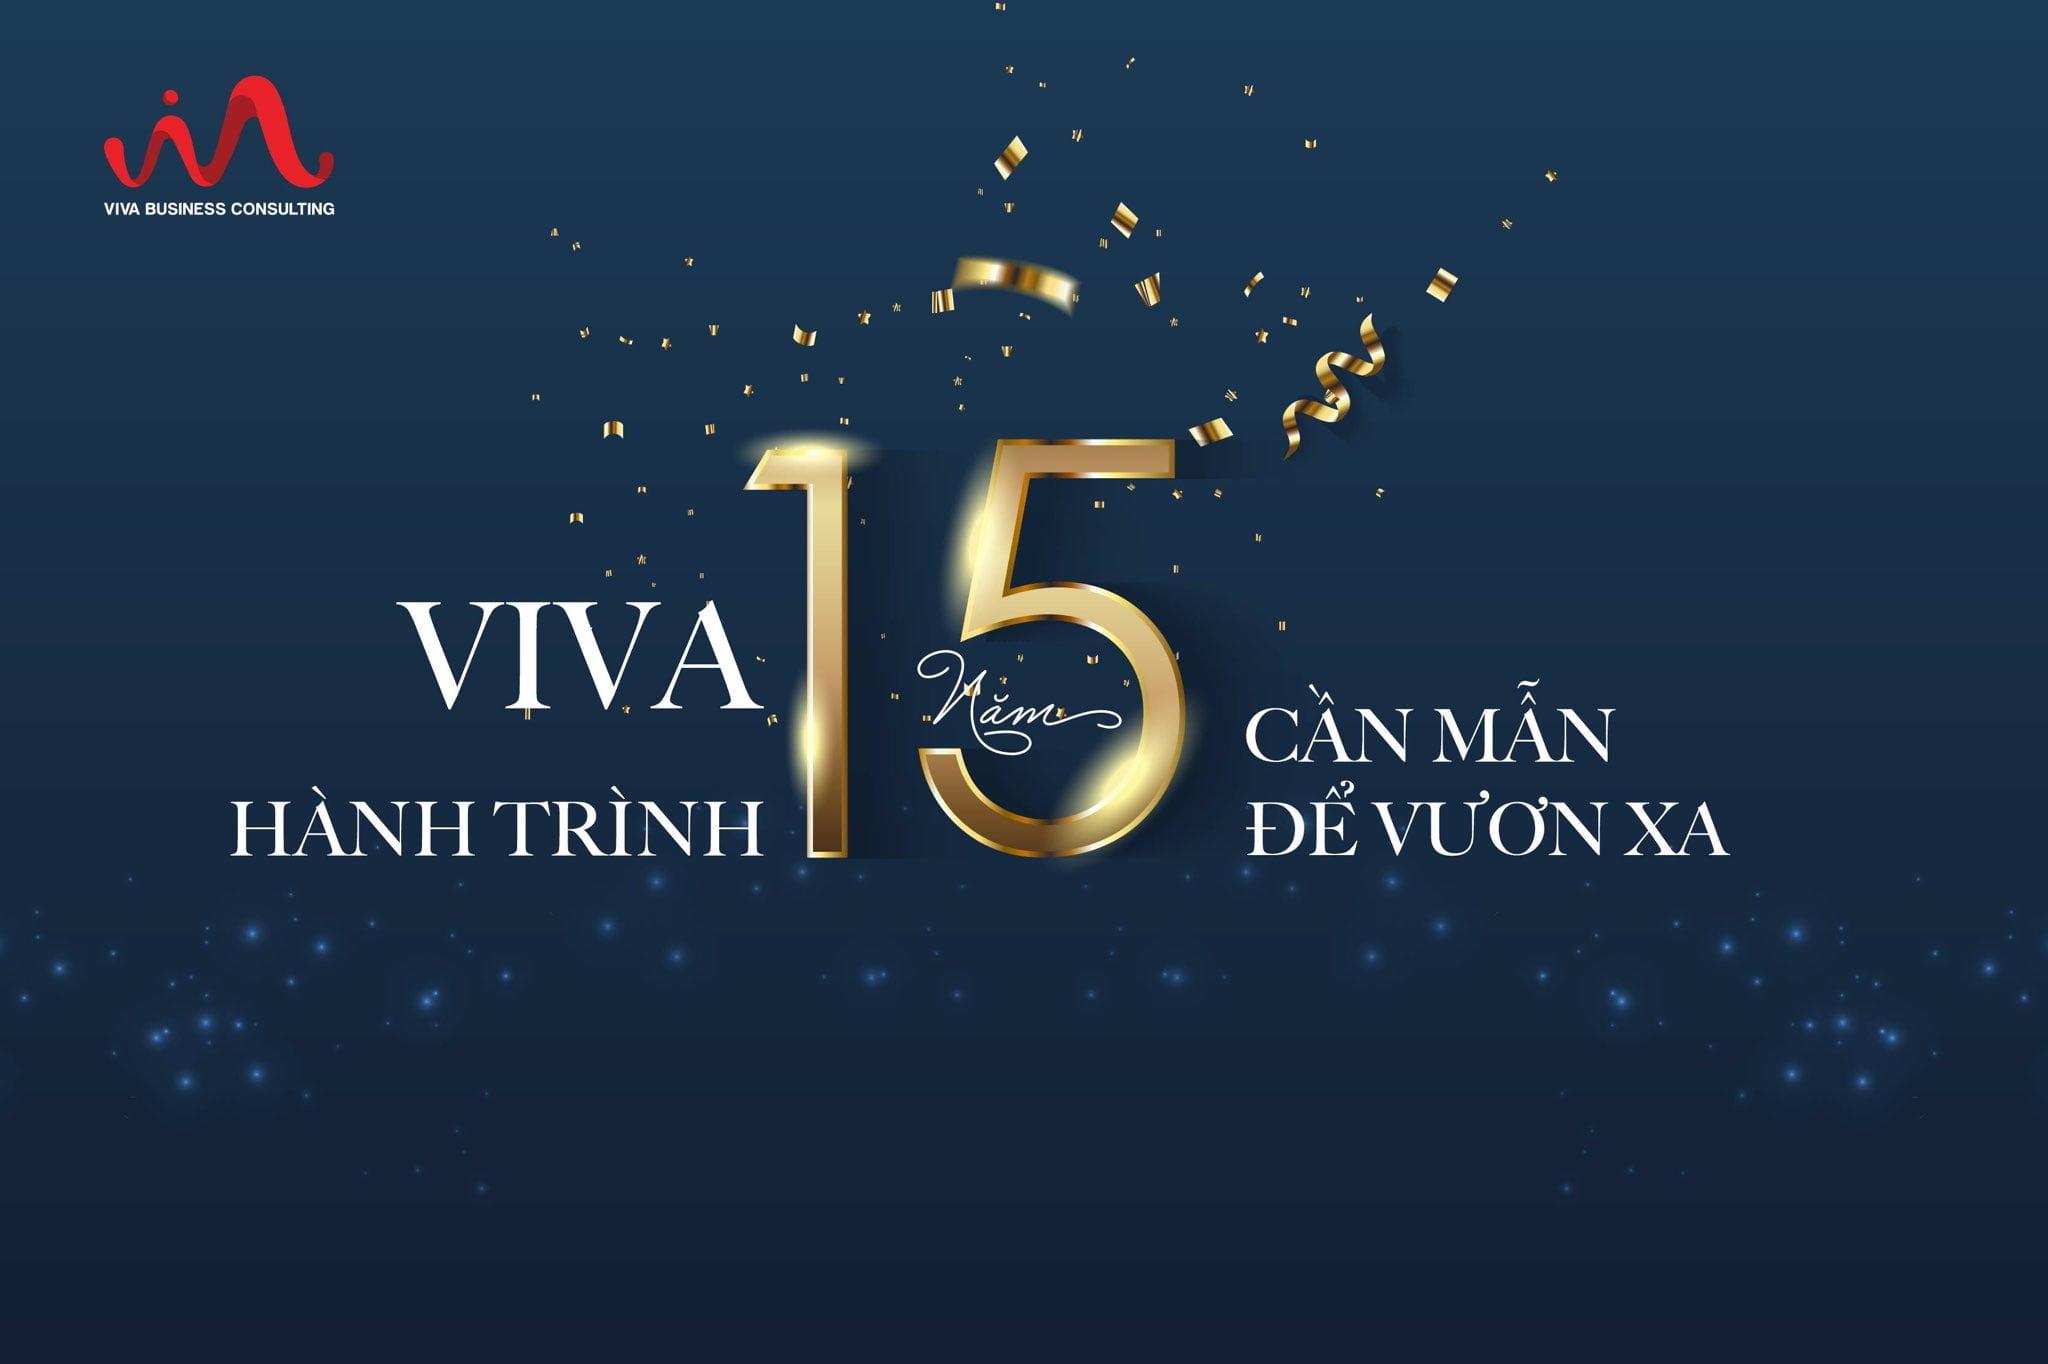 Viva BCS kỉ niệm hành trình 15 năm